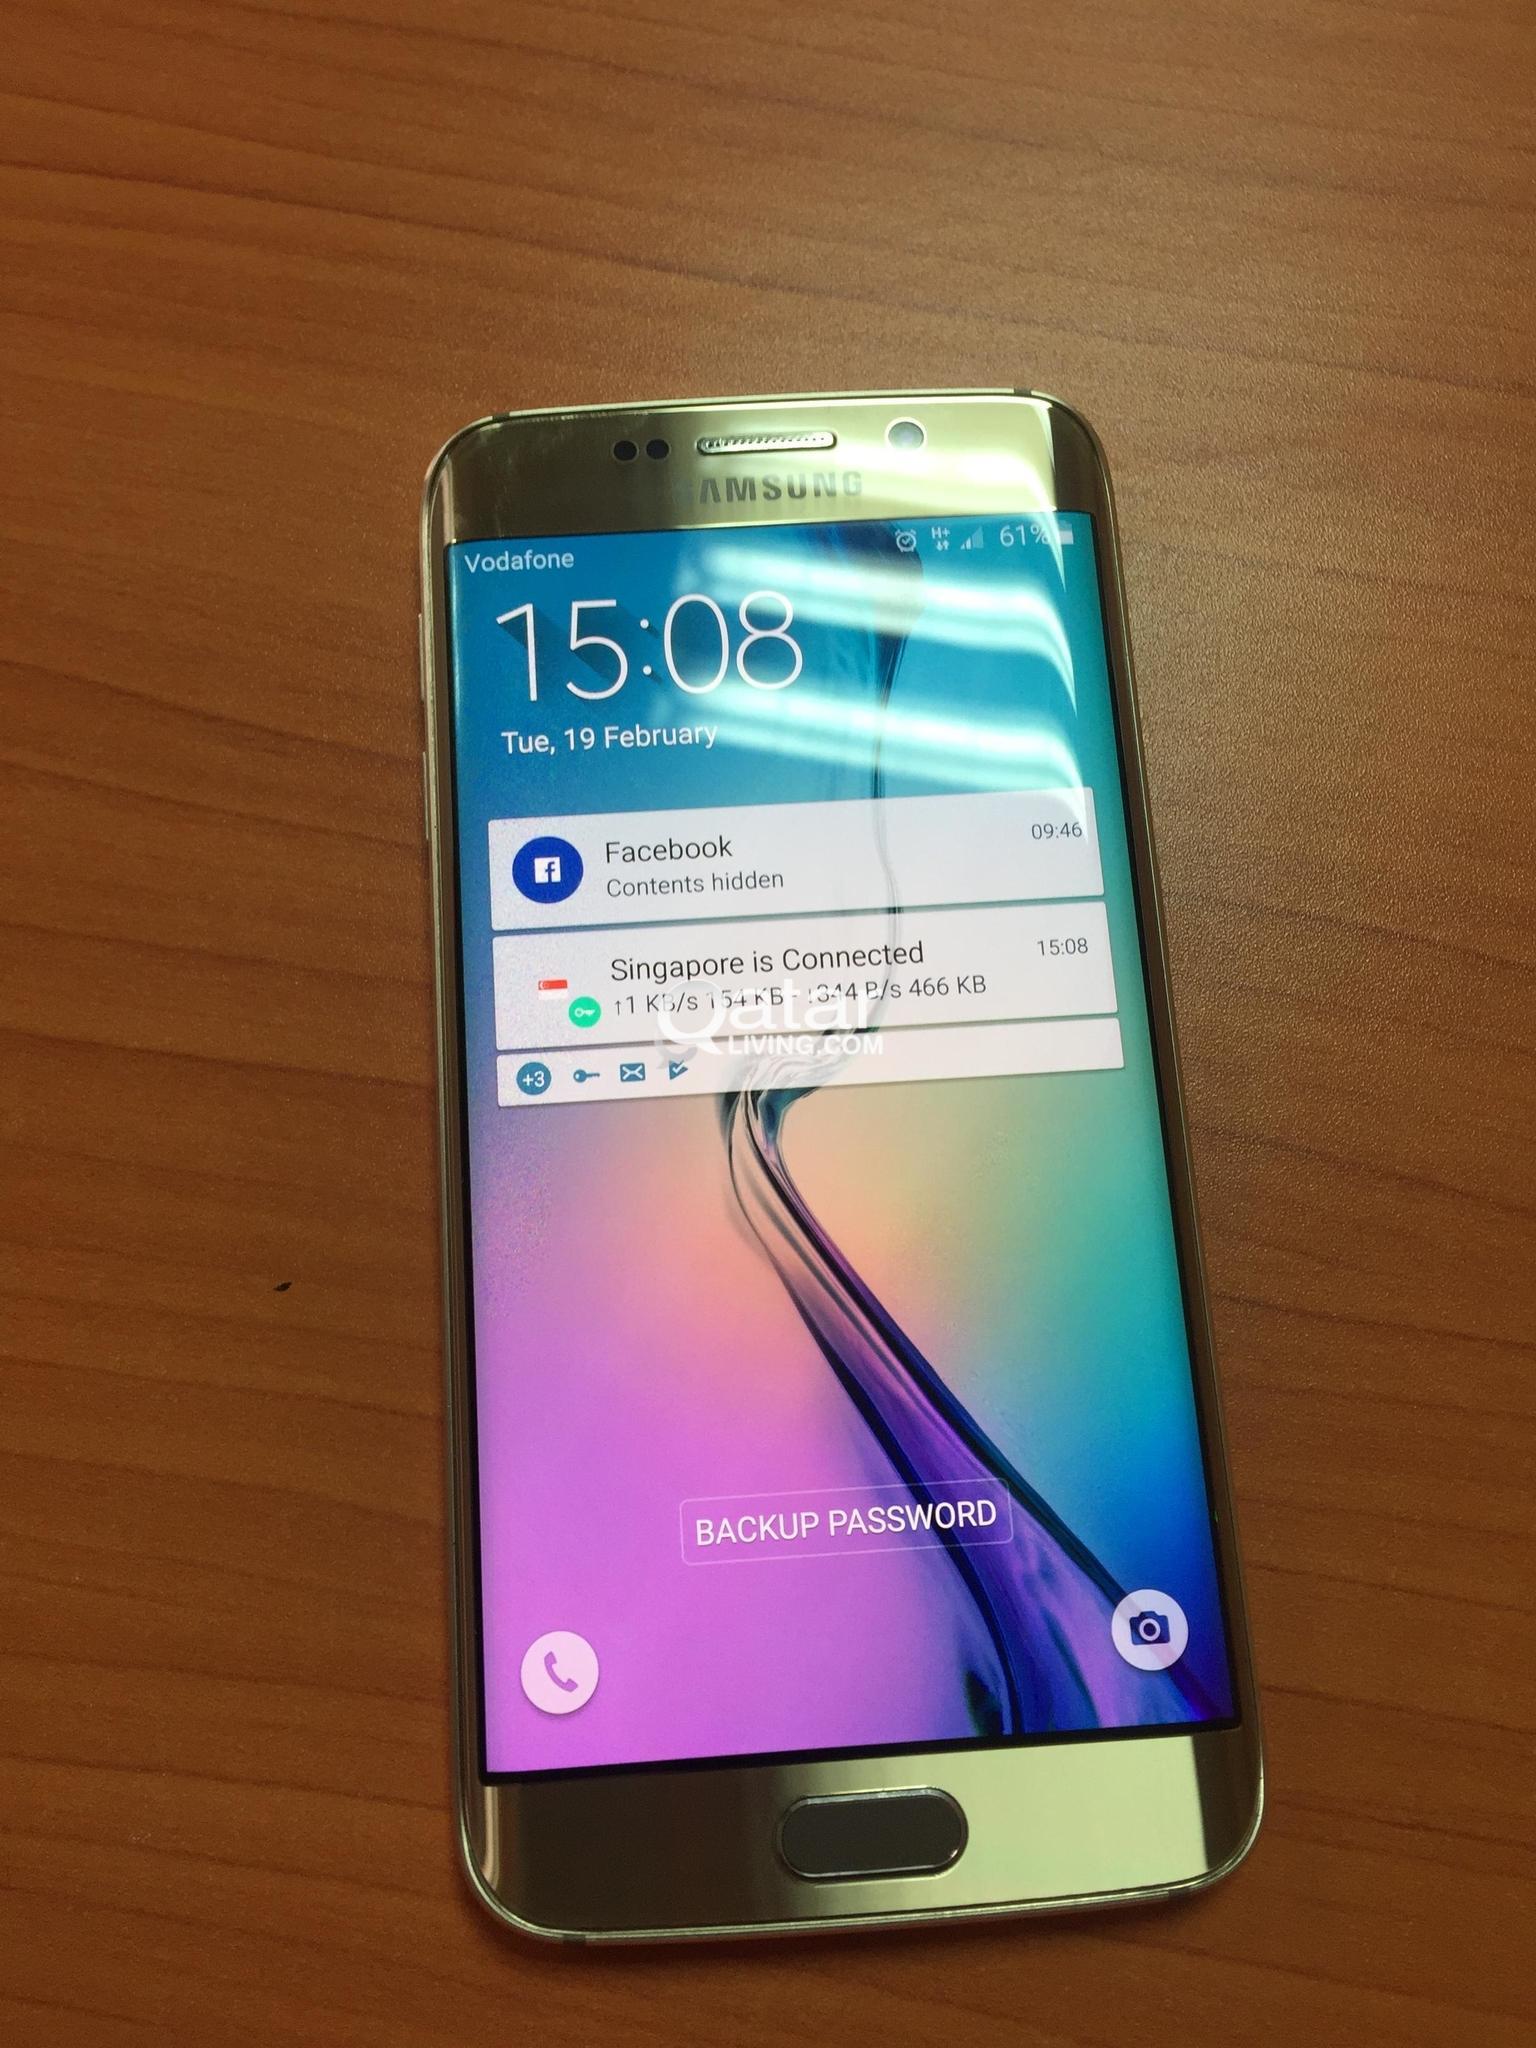 Samsung Galaxy S6 Edge, 64GB Storage, 3GB RAM, QAR 699